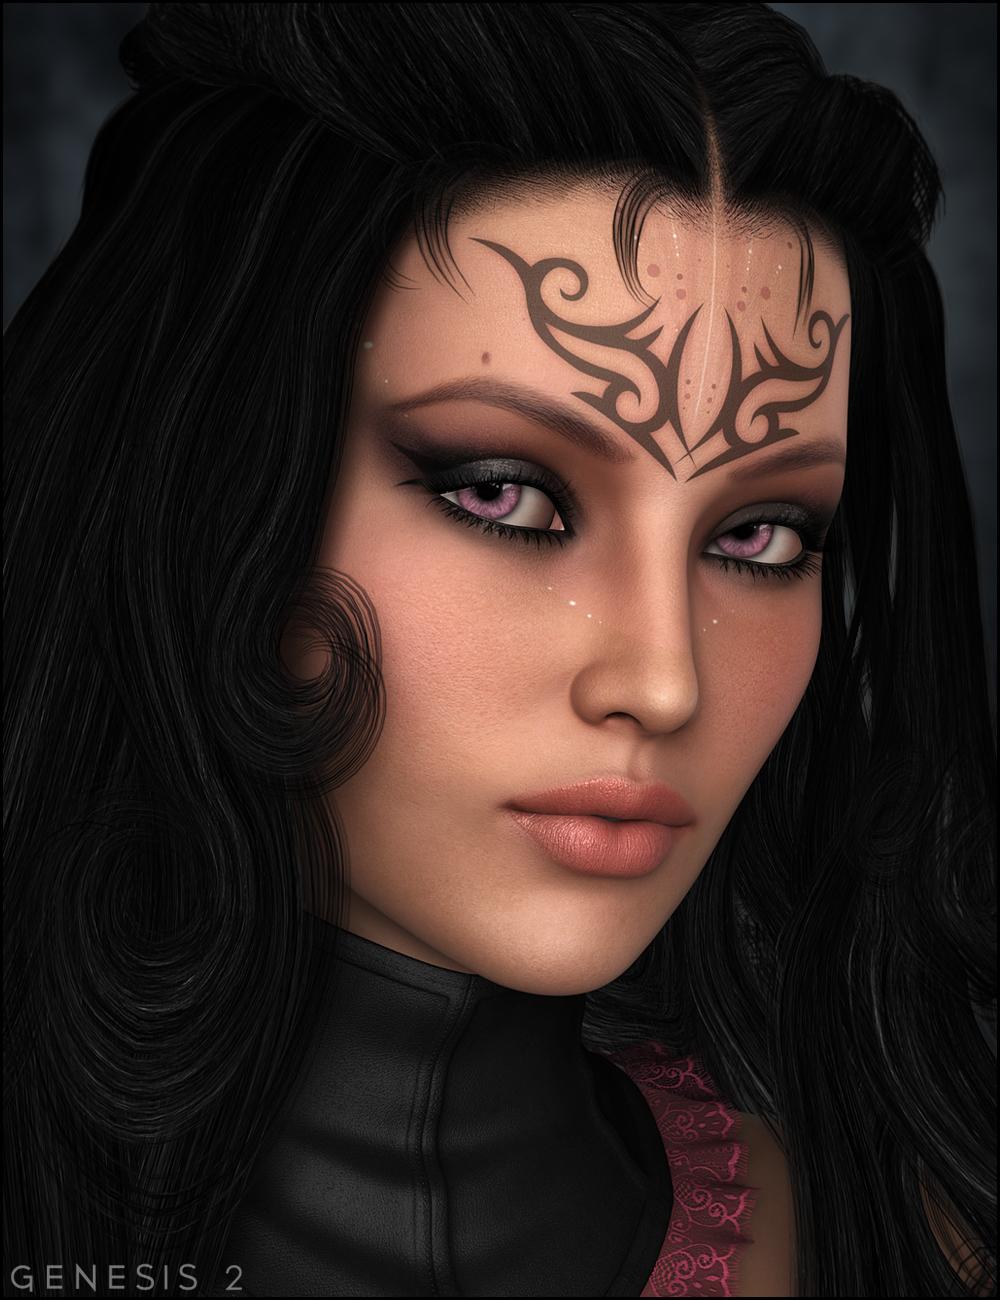 Nitara by: CountessJessaii, 3D Models by Daz 3D